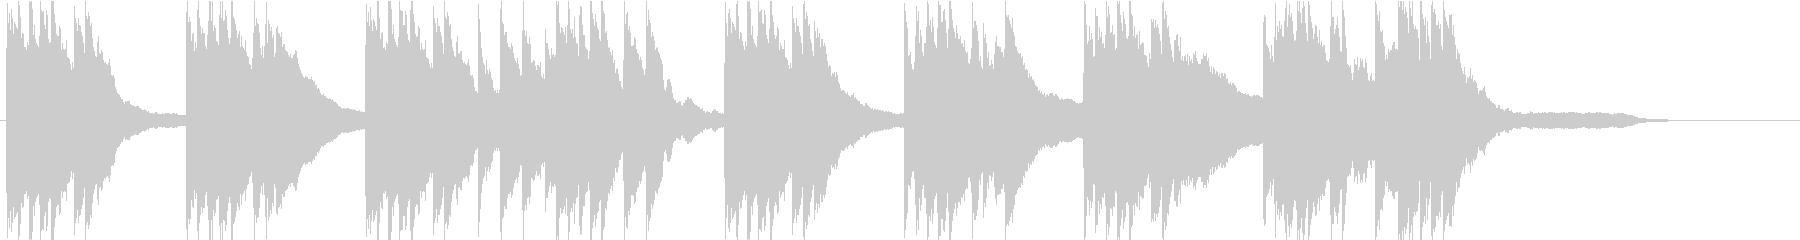 エンディングに最適な穏やかなピアノソロの未再生の波形